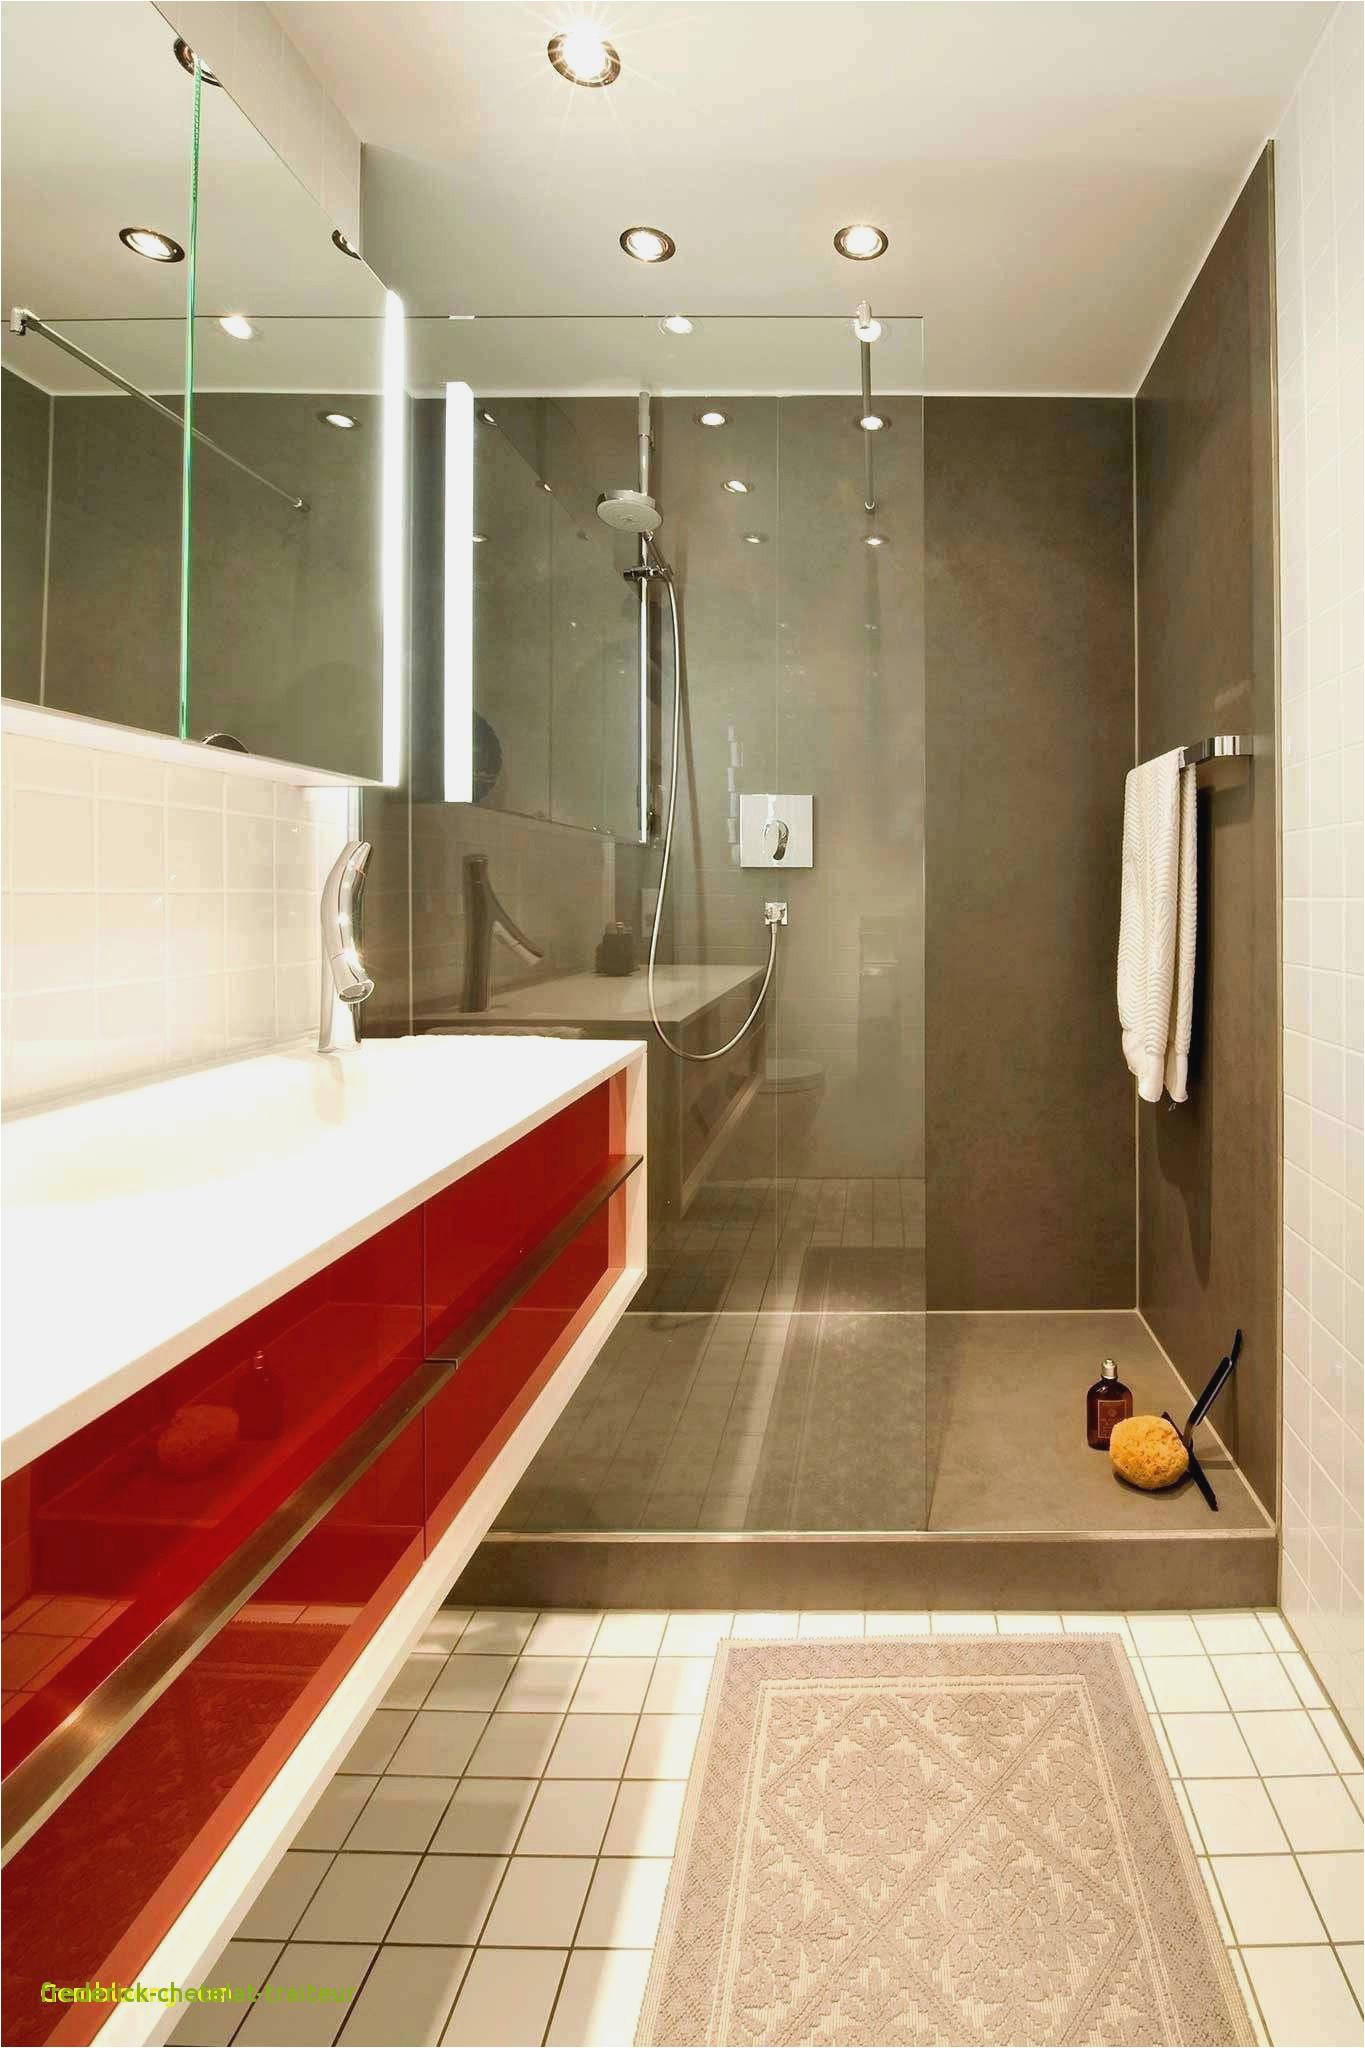 klebefolie badezimmer elegant badezimmer kacheln uberkleben of klebefolie badezimmer